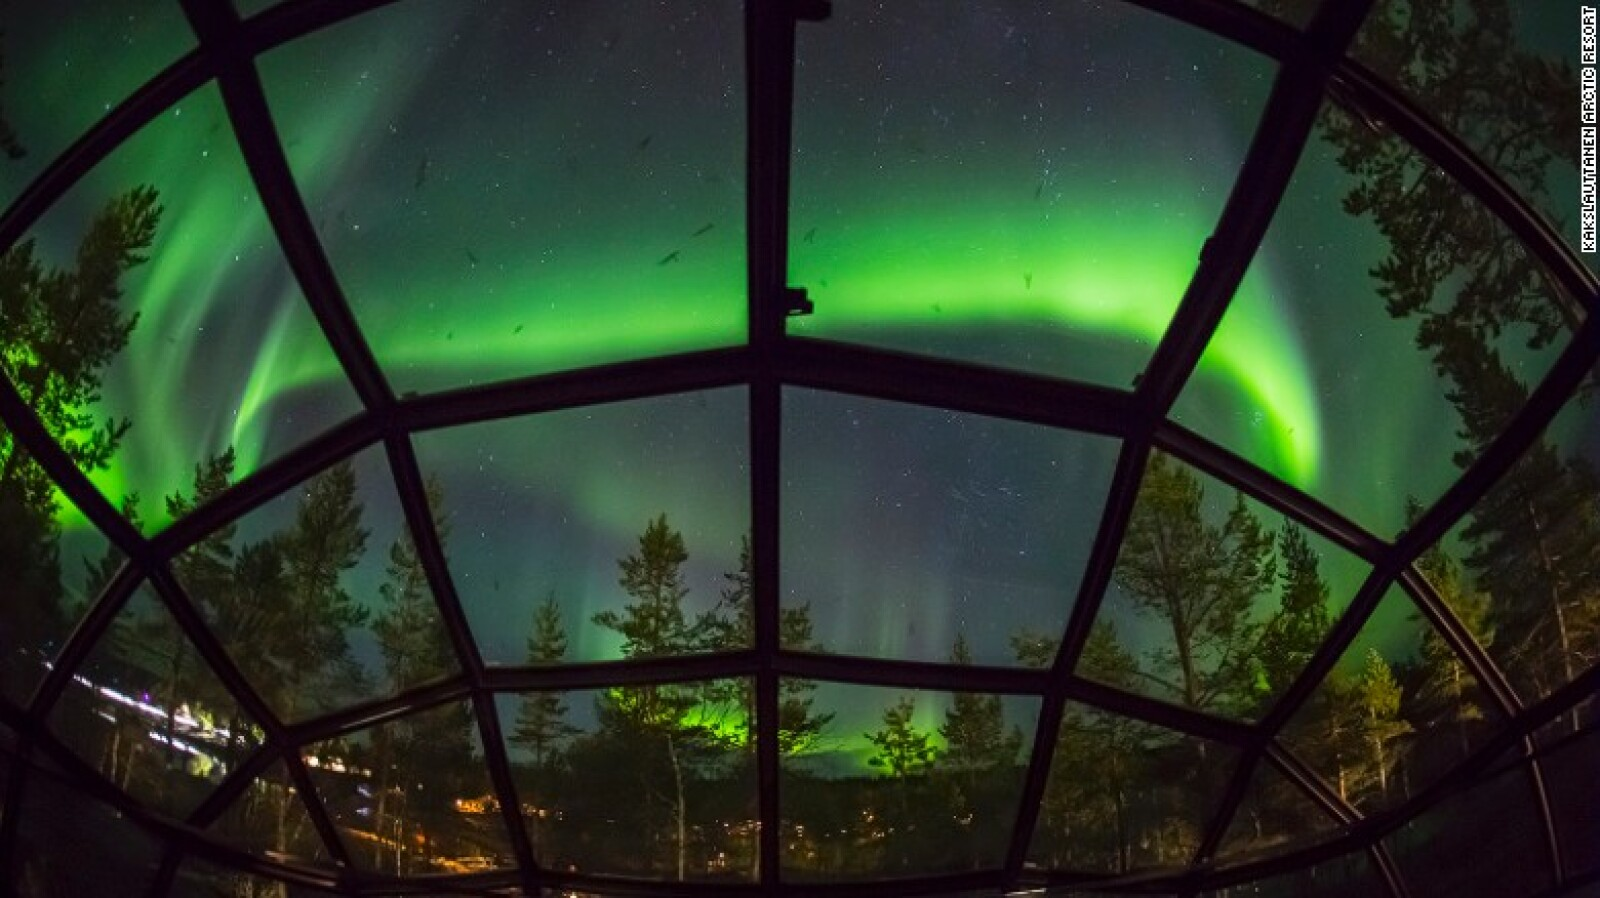 La temporada de auroras boreales en Laponia, a partir de finales de agosto.